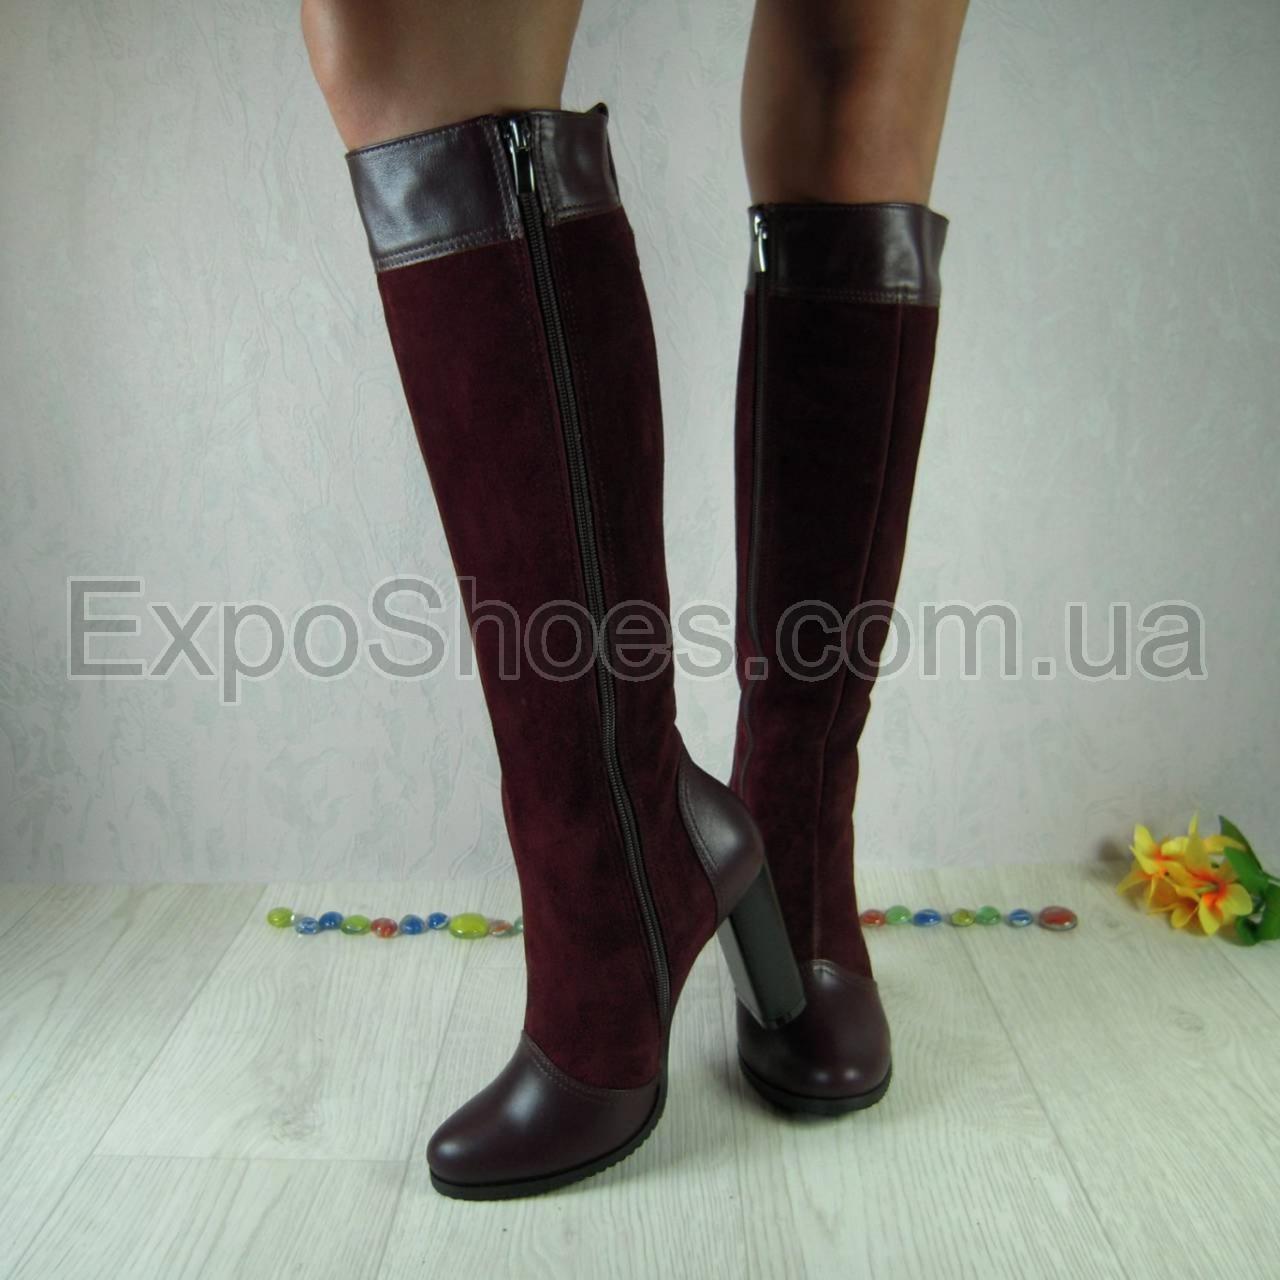 Фотография обуви VZUTTYA-DNEPR